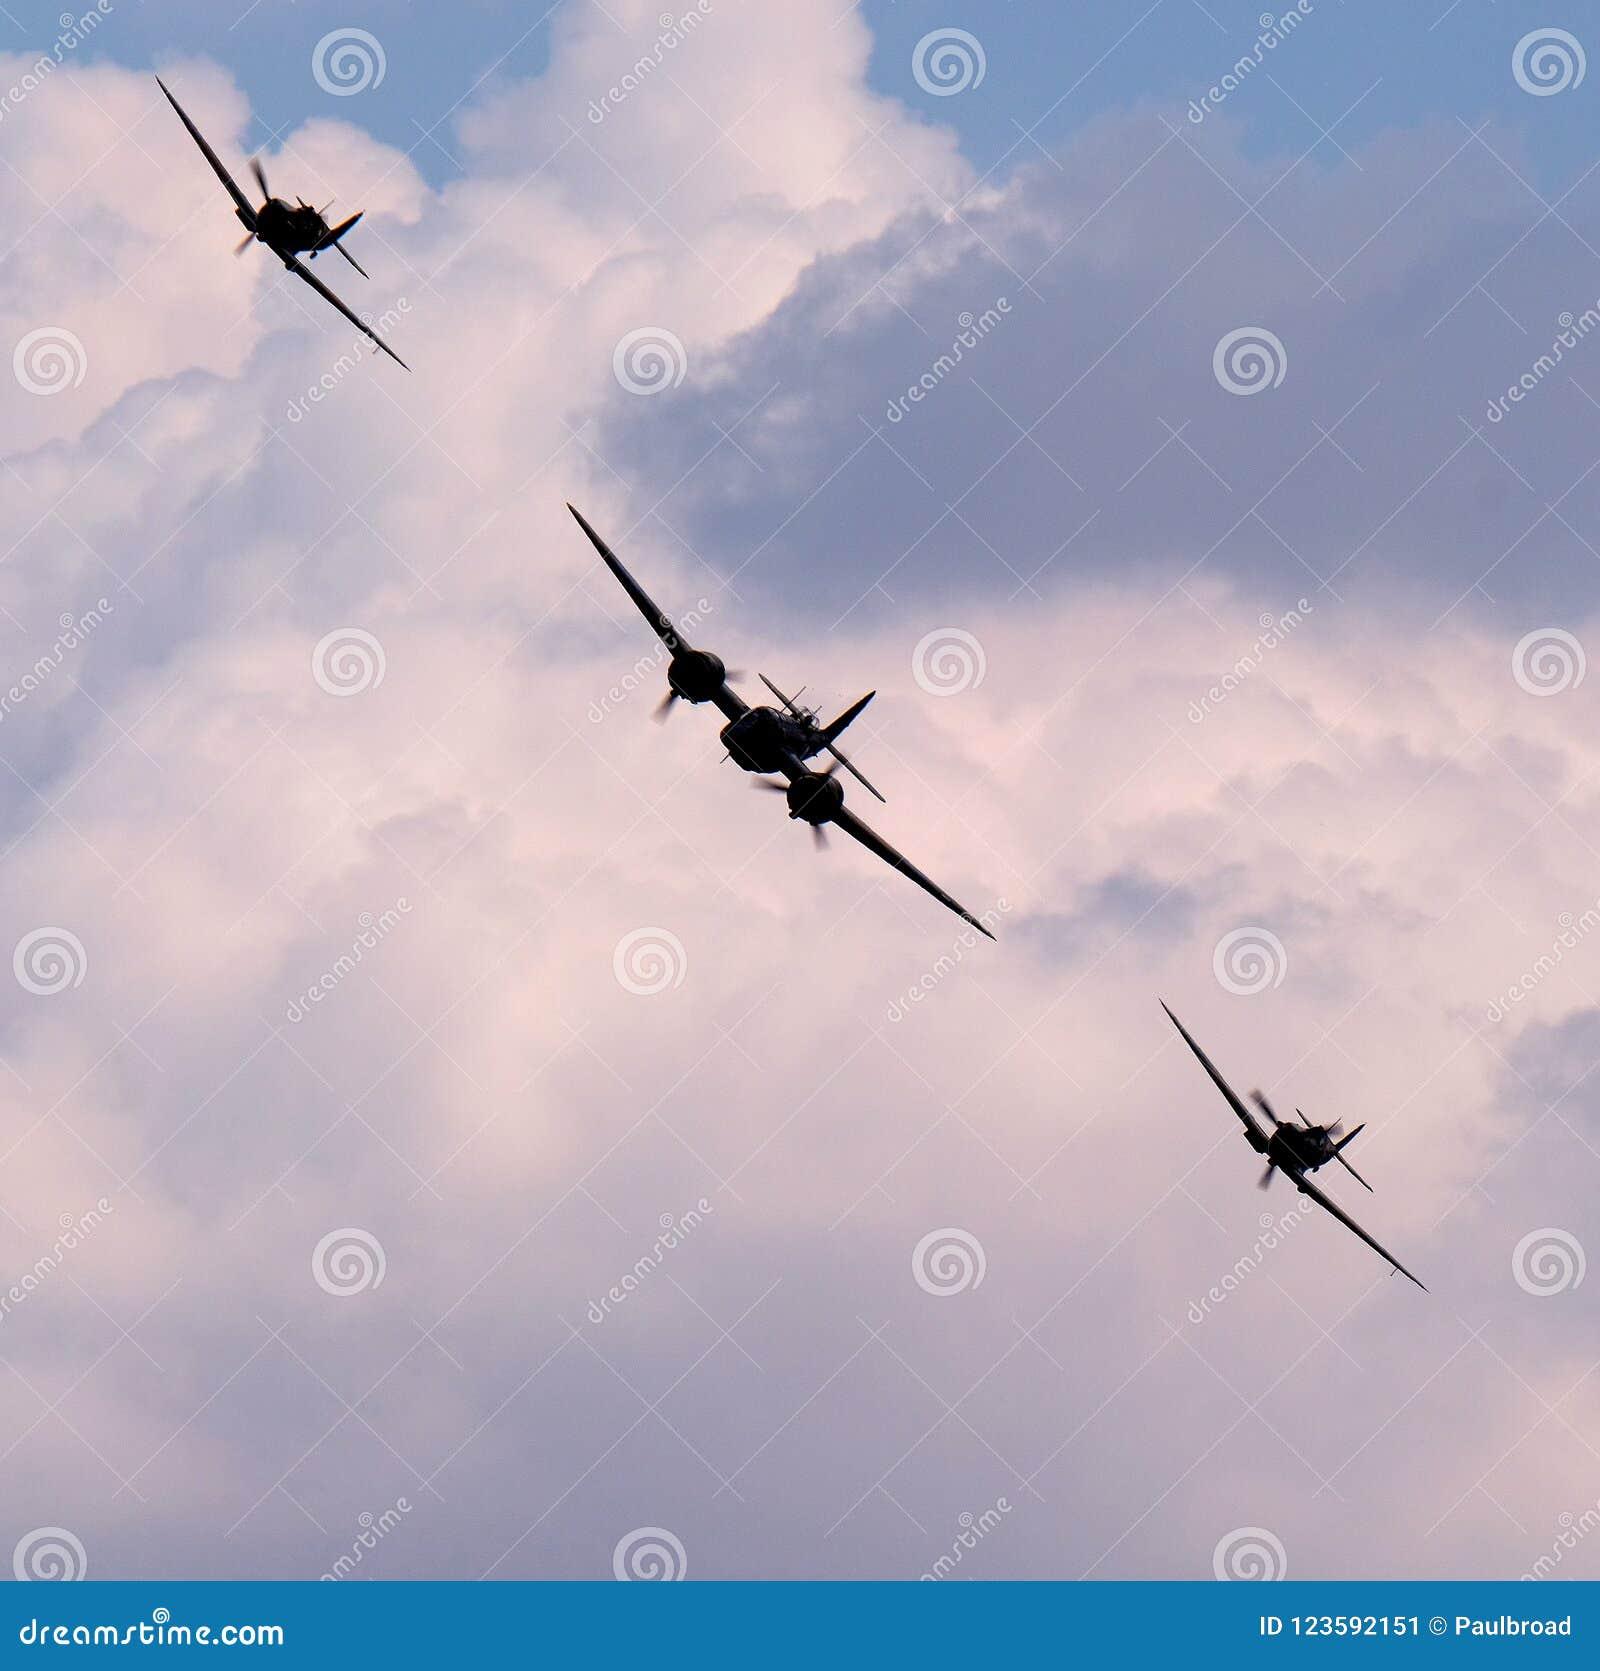 Fiera y Bristol Blenheim Mk 1